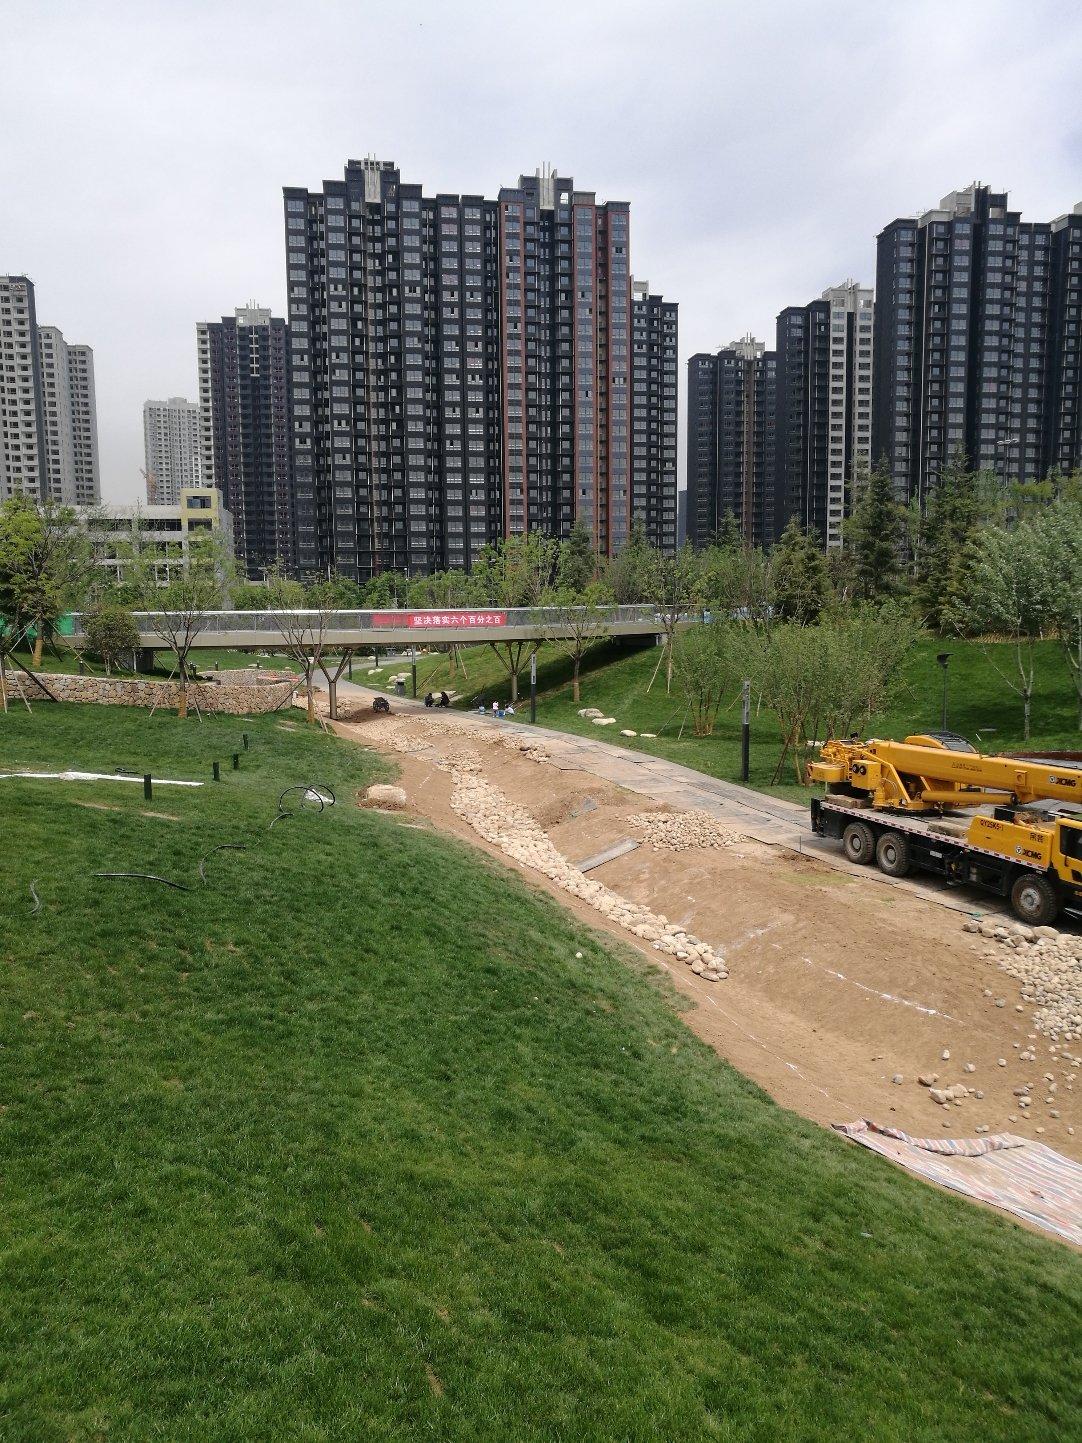 陕西省西安市雁塔区30号路靠近曲江公园v公园别墅老鼠是的文化书什么一本蔷薇图片